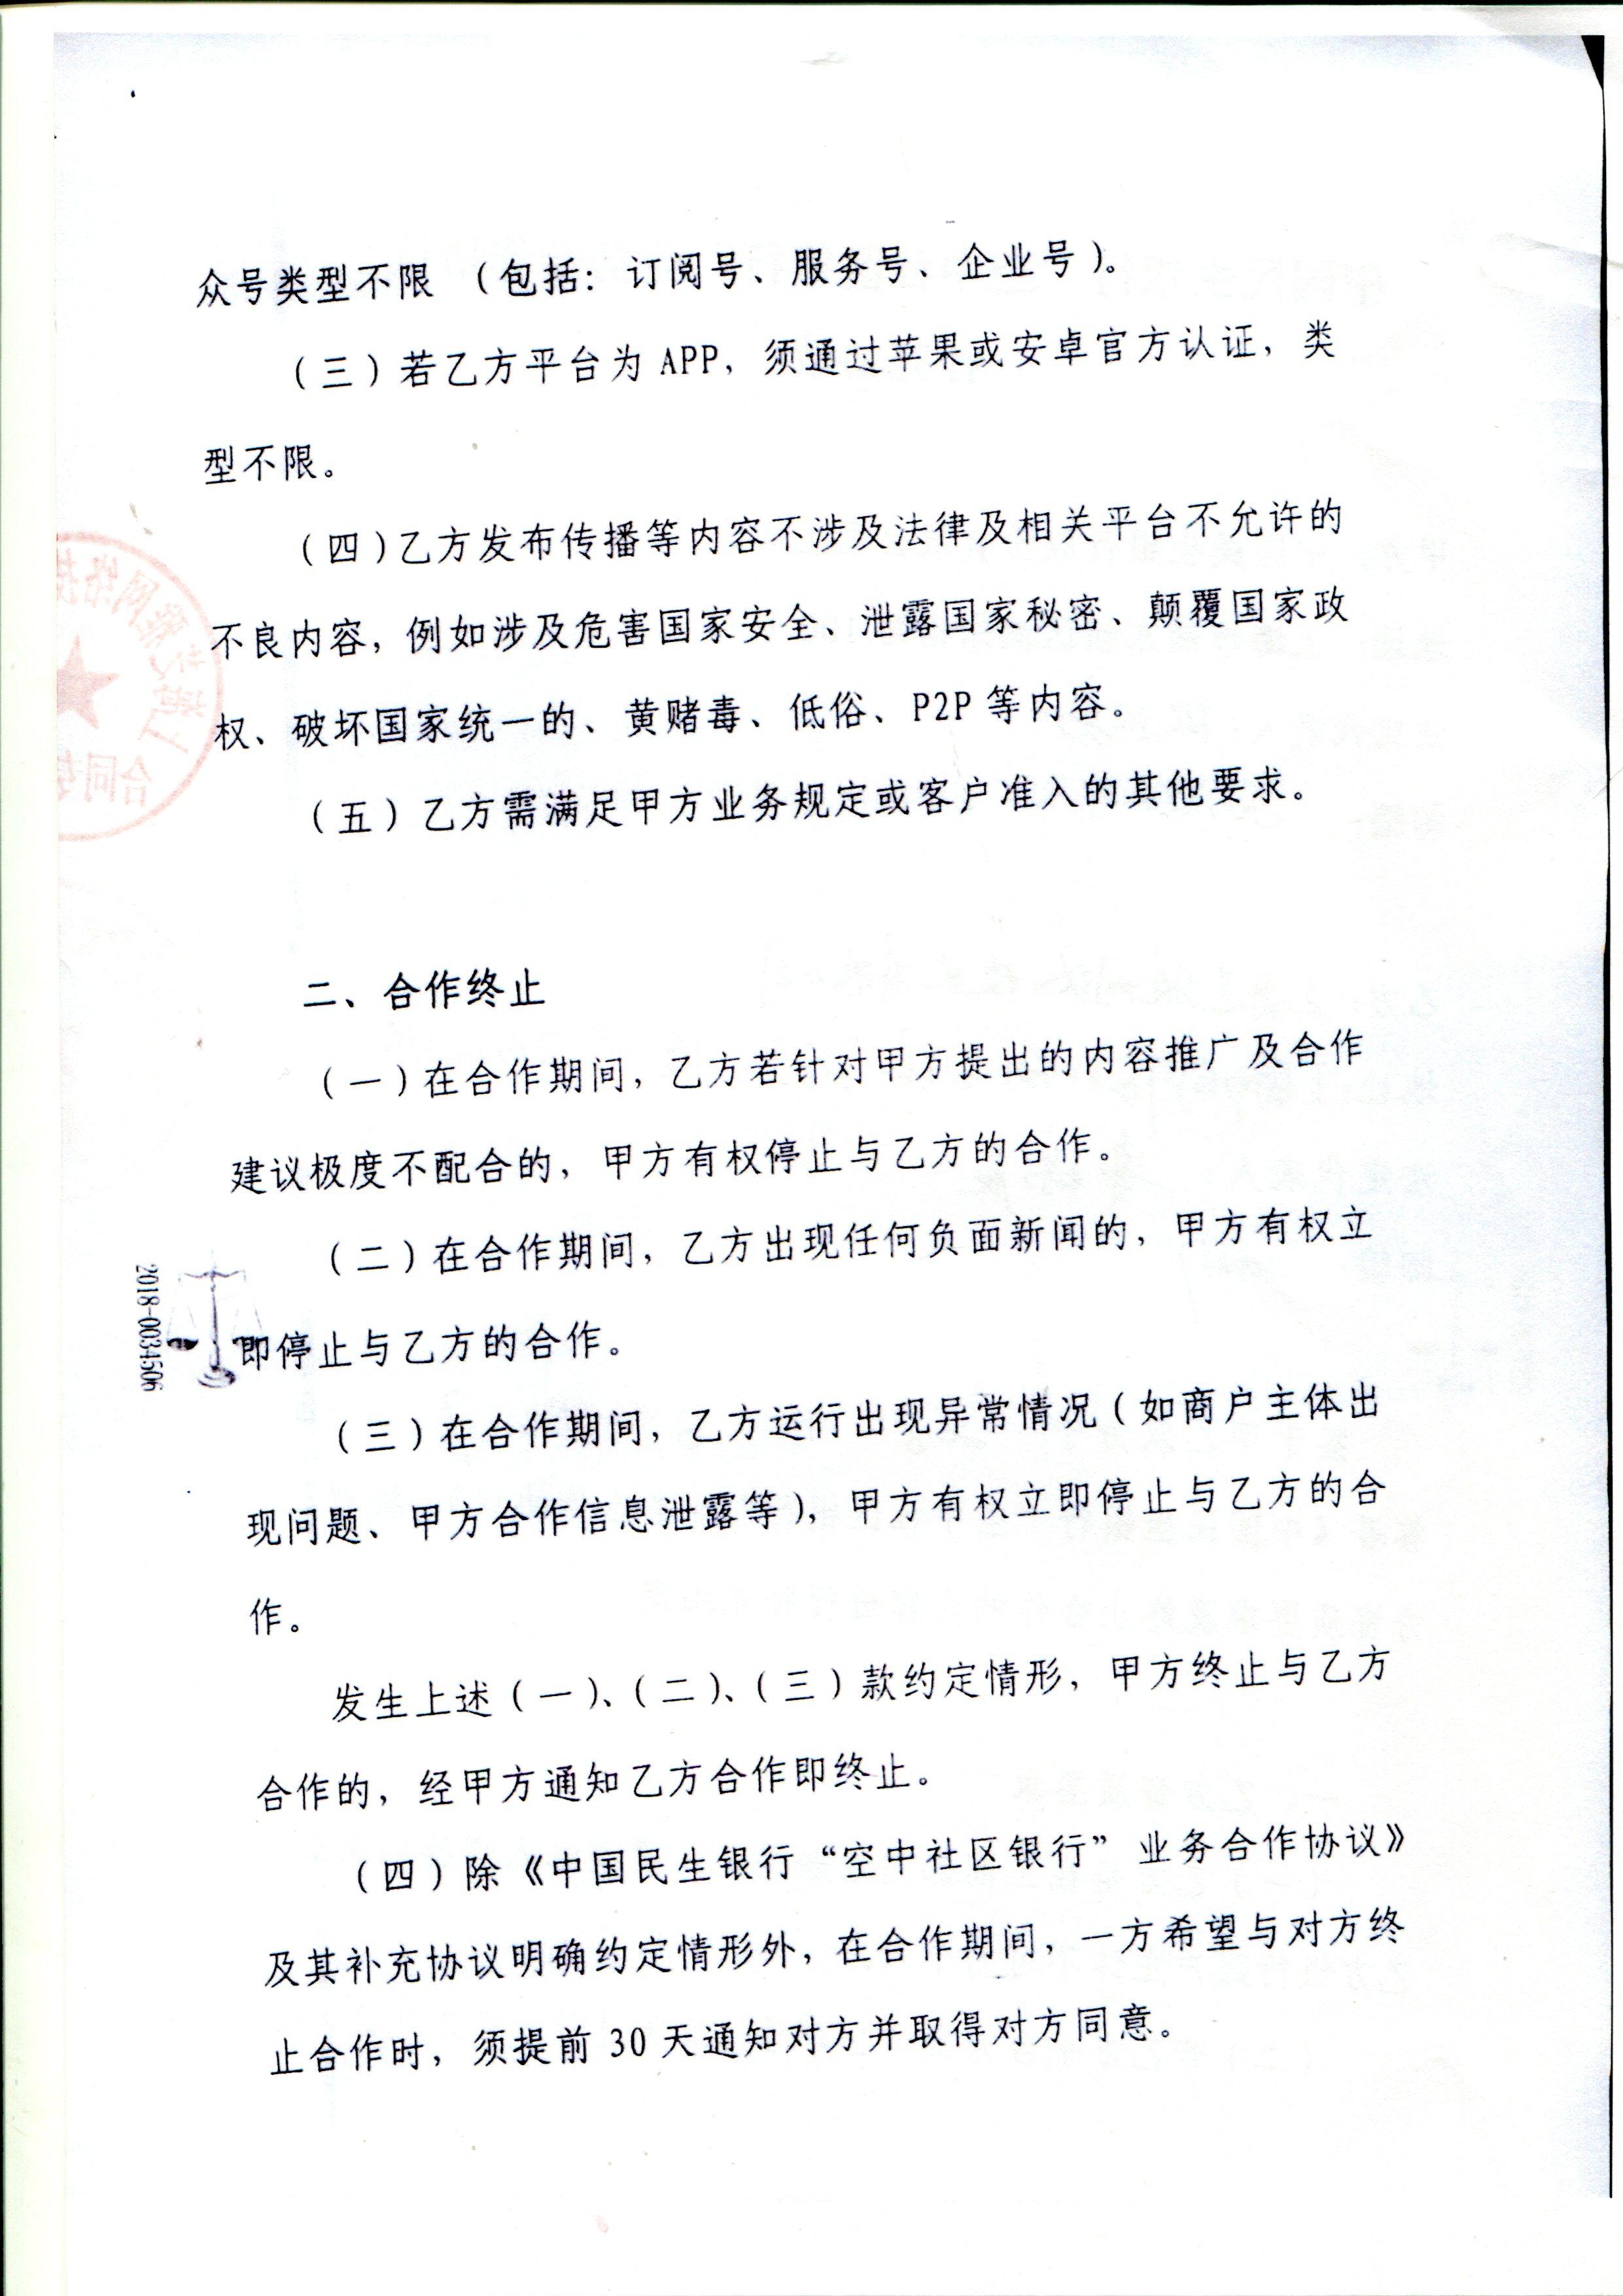 中国民生银行空中社区银行业务合作协议008.jpg